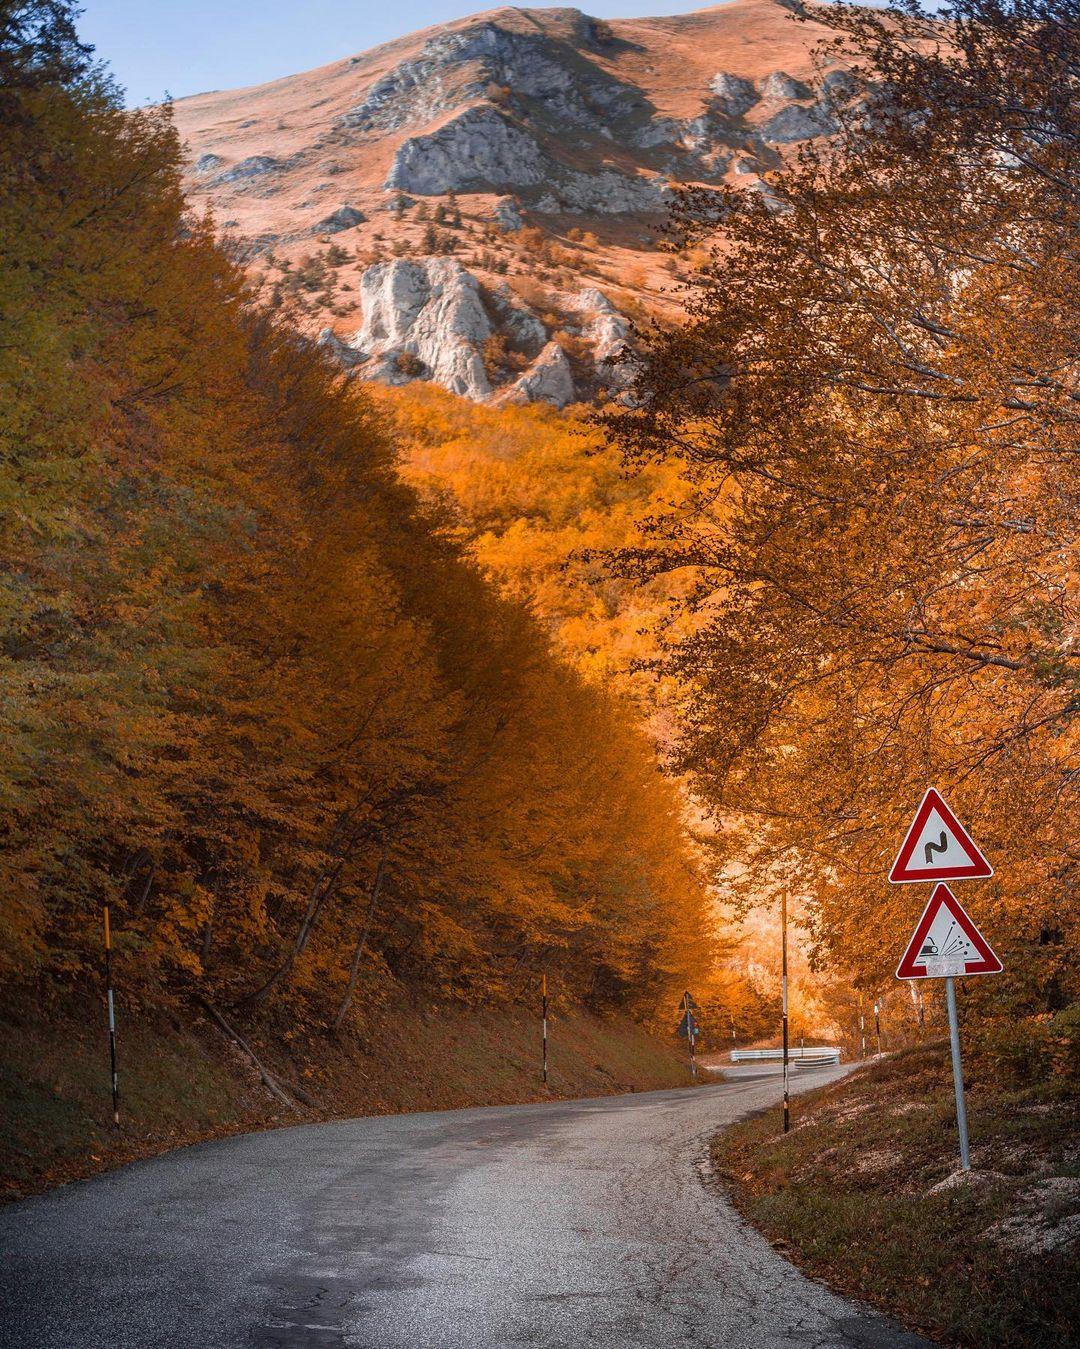 Foto di Tommaso Paolucci - Autunno a Sarnano - Via delle Cascate Perdute